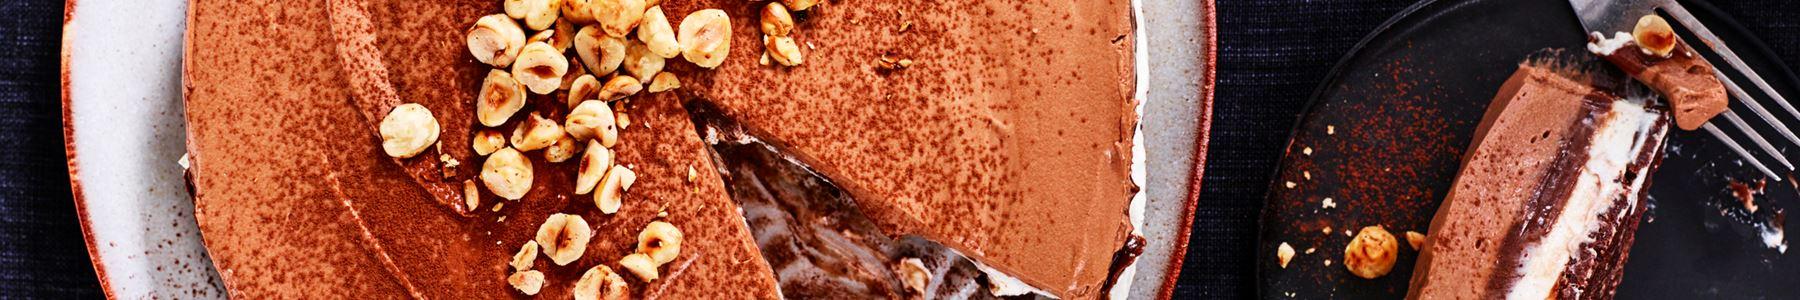 Hasselnötter + Cheesecake + Utan ägg